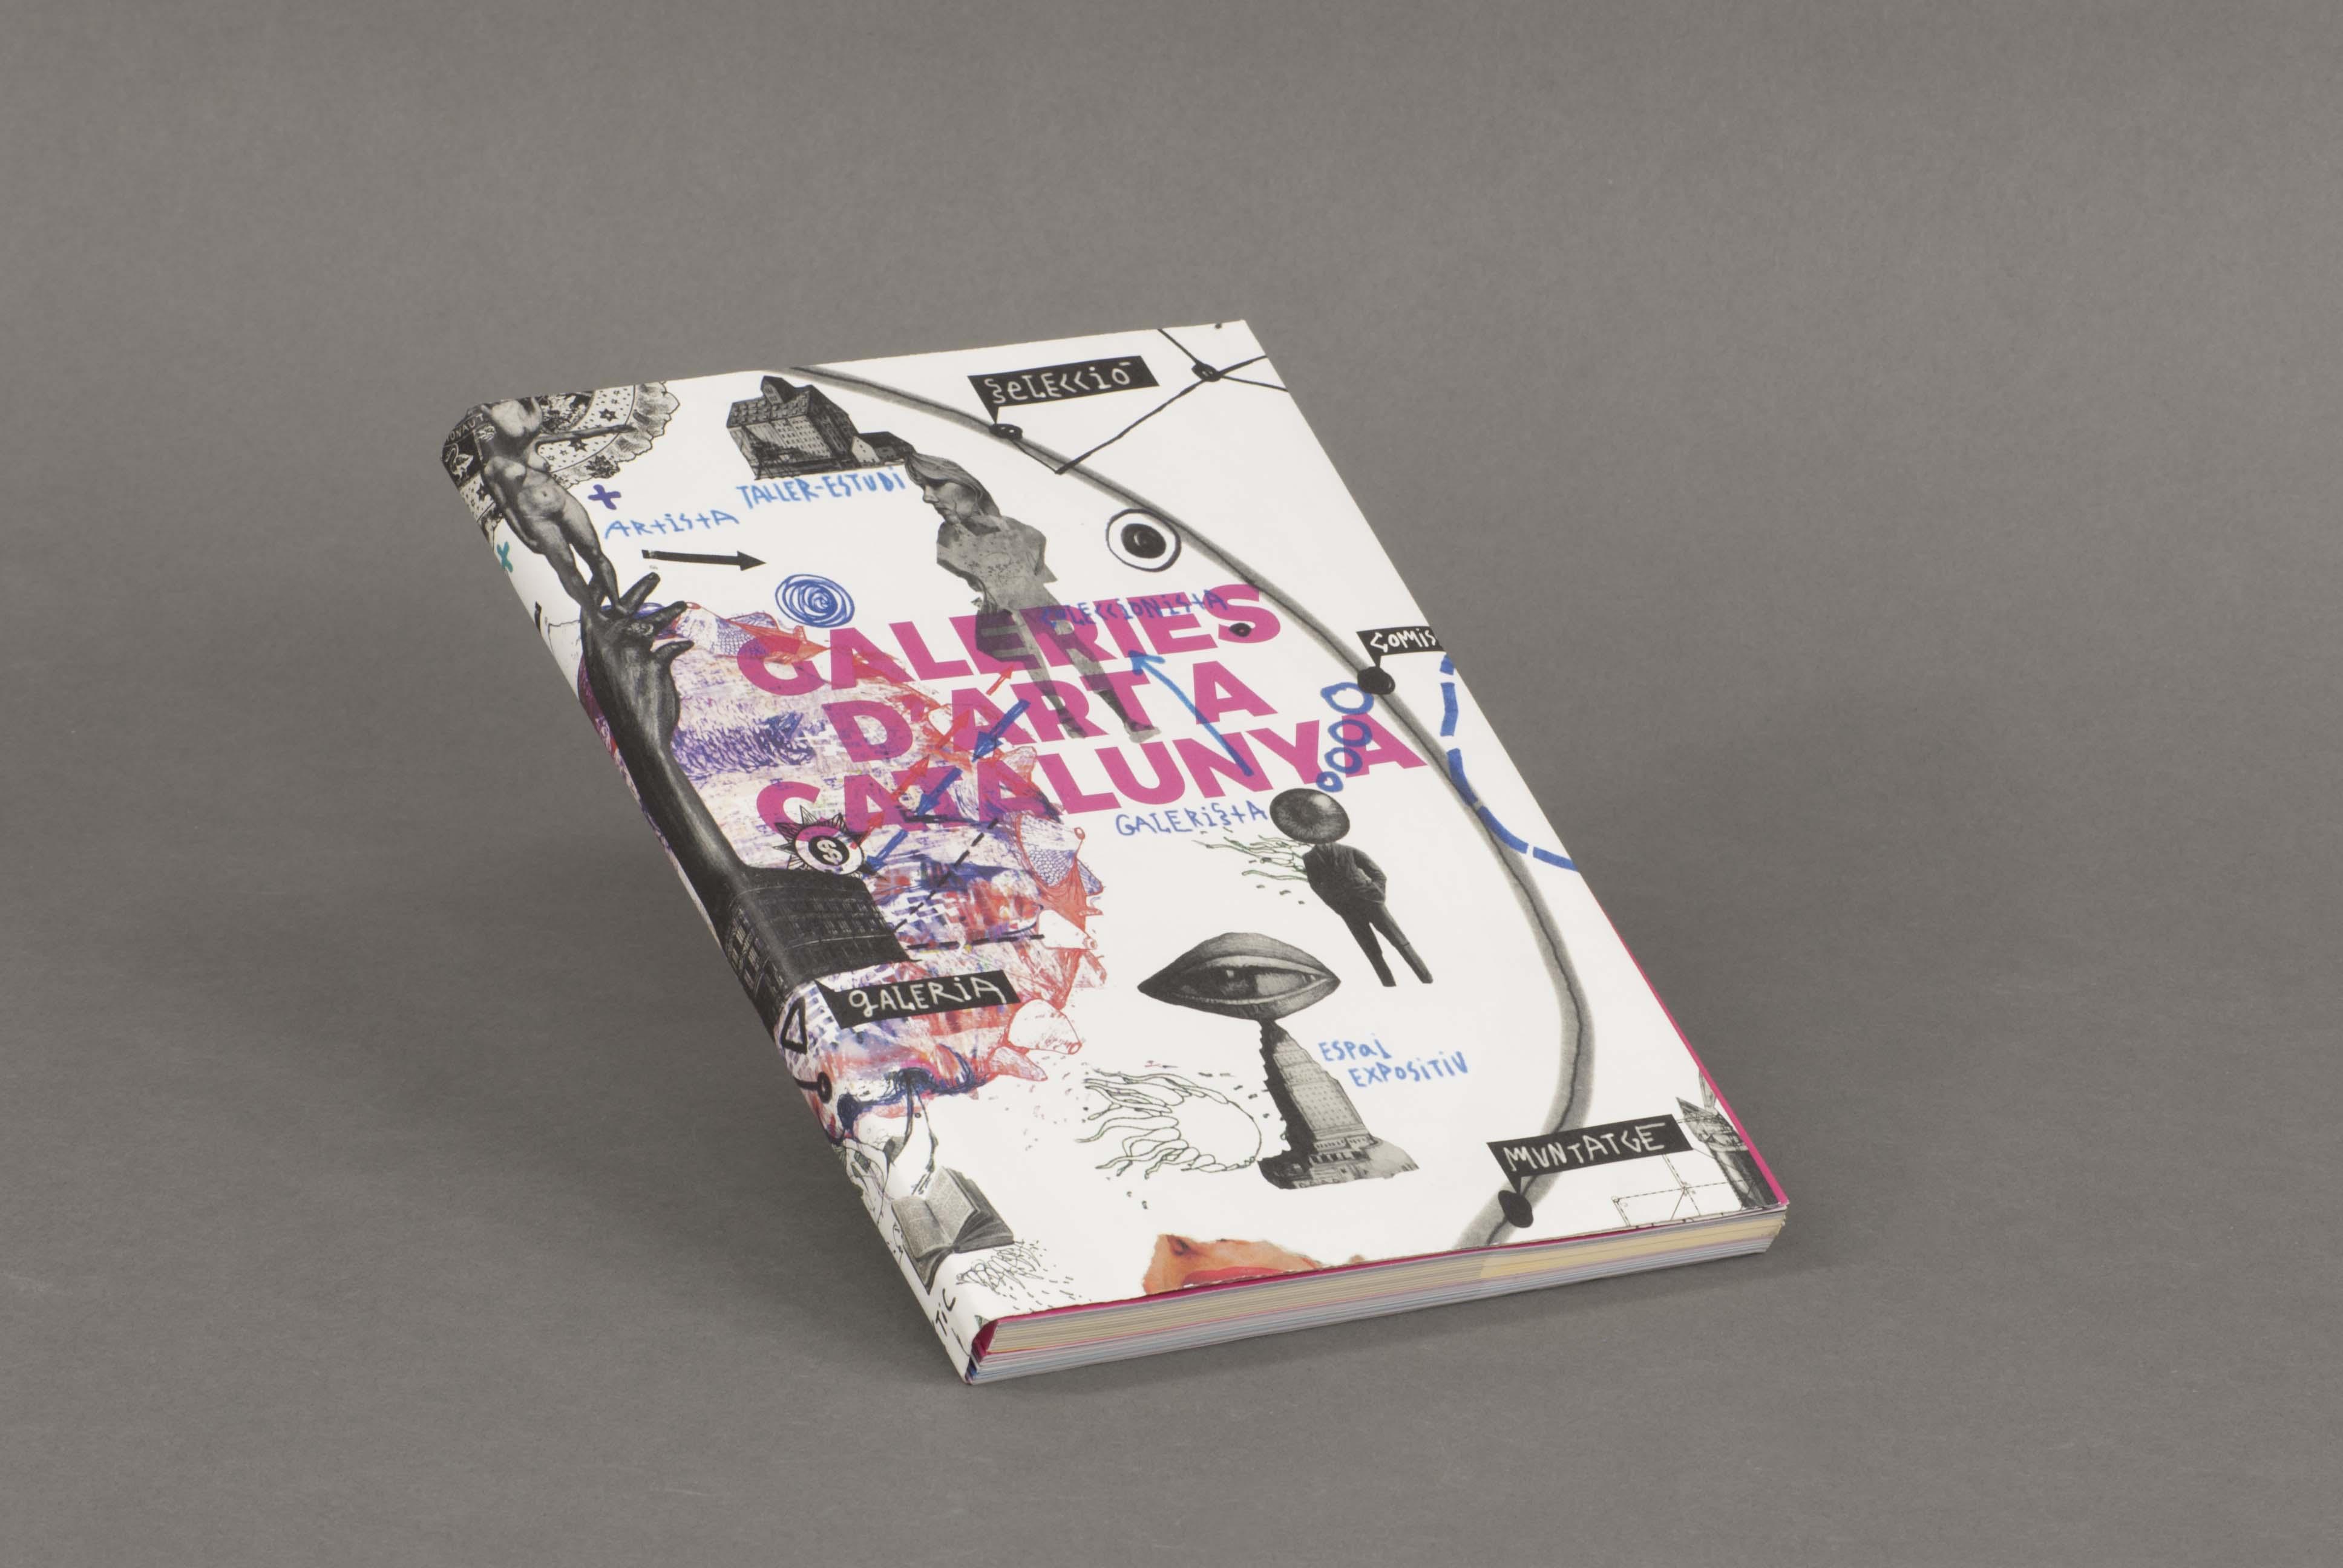 libro de arte galerias de arte de catalunya